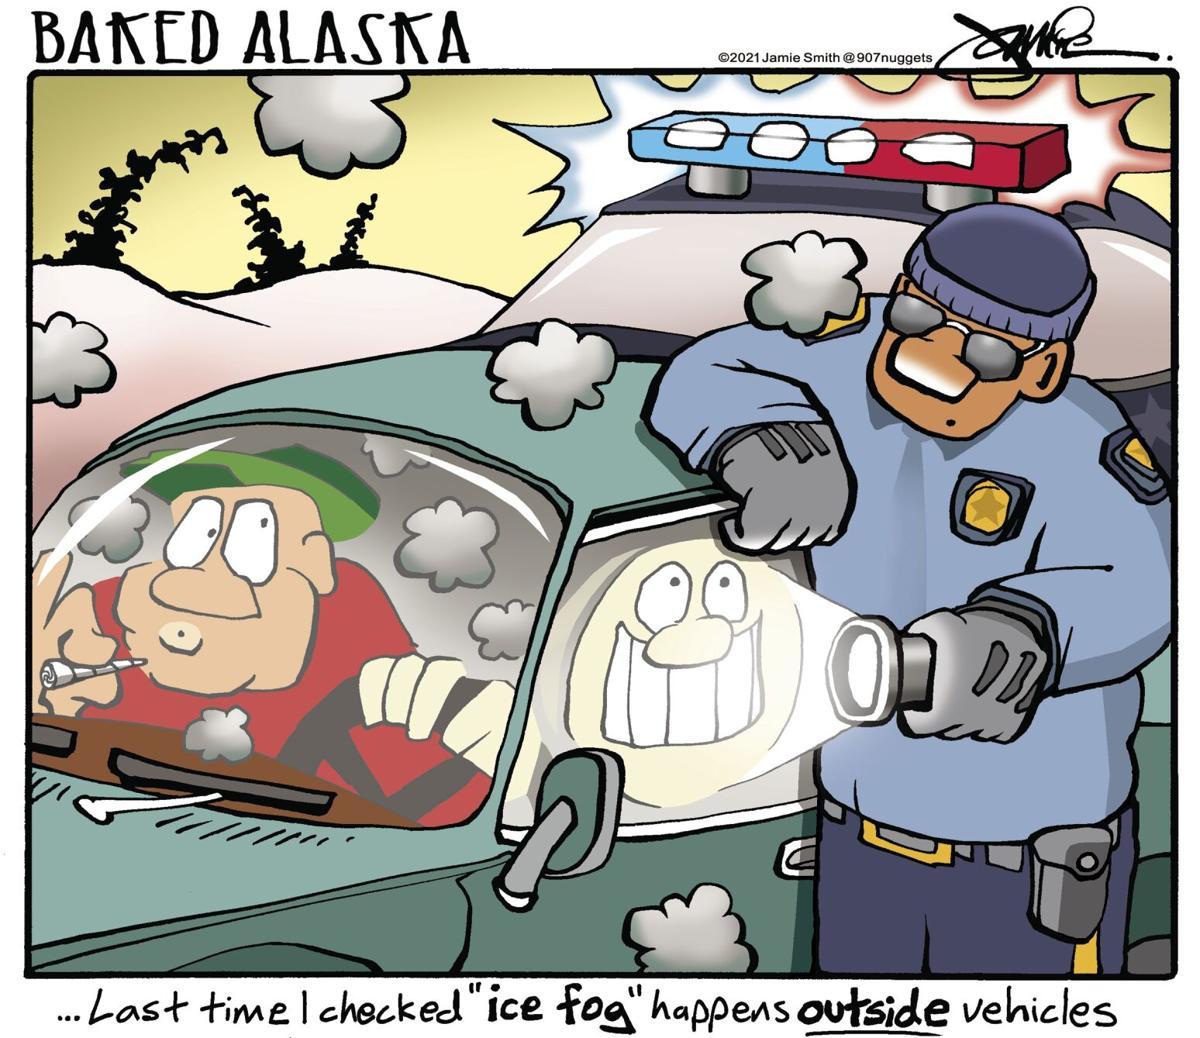 Baked Alaska - Ice Fog